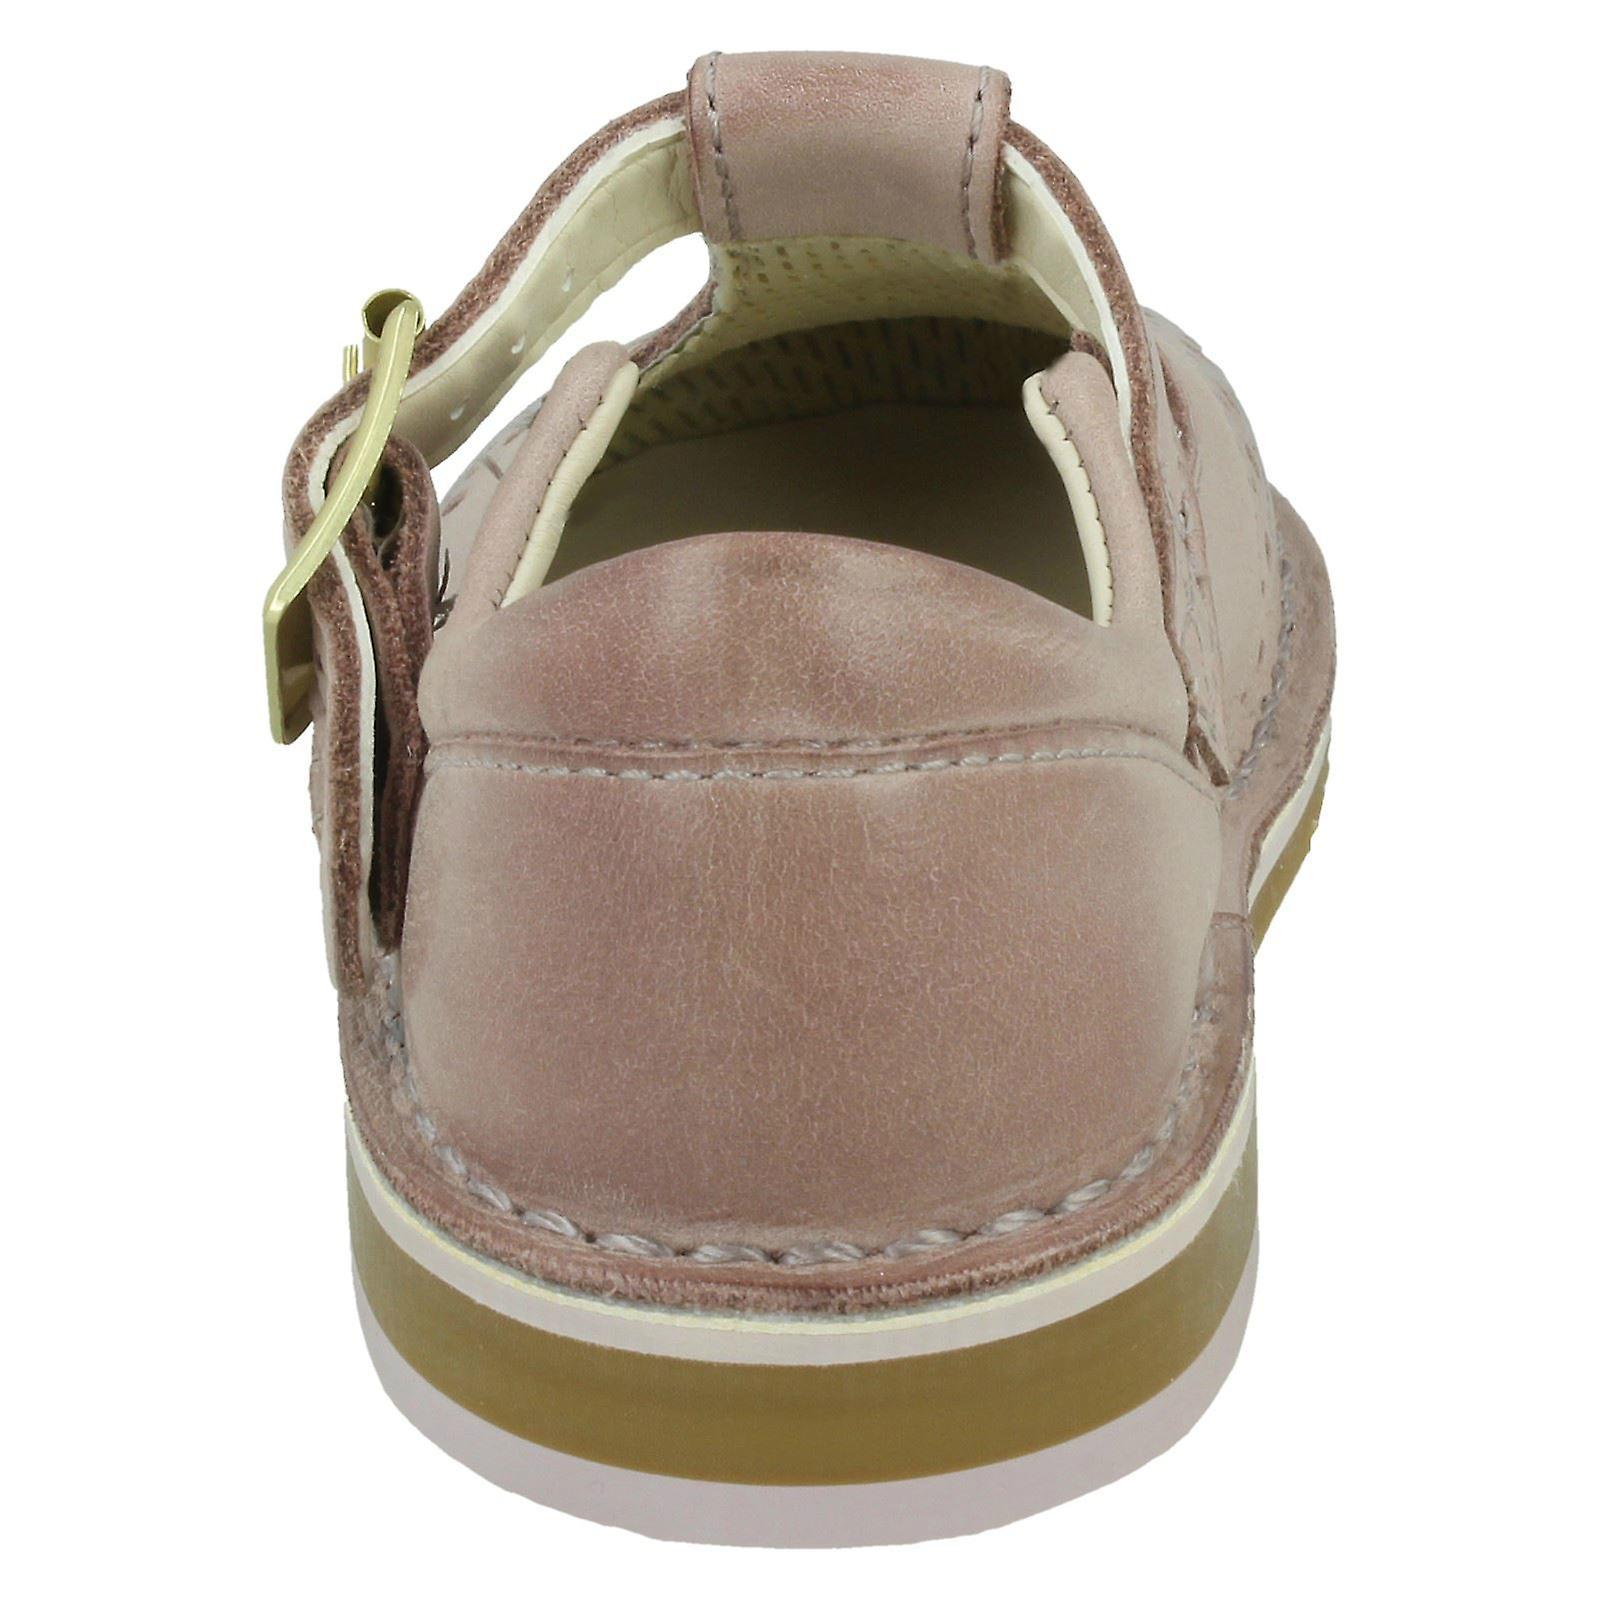 Meisjes Clarks T-Bar schoenen Comet bewind cYRUpZ